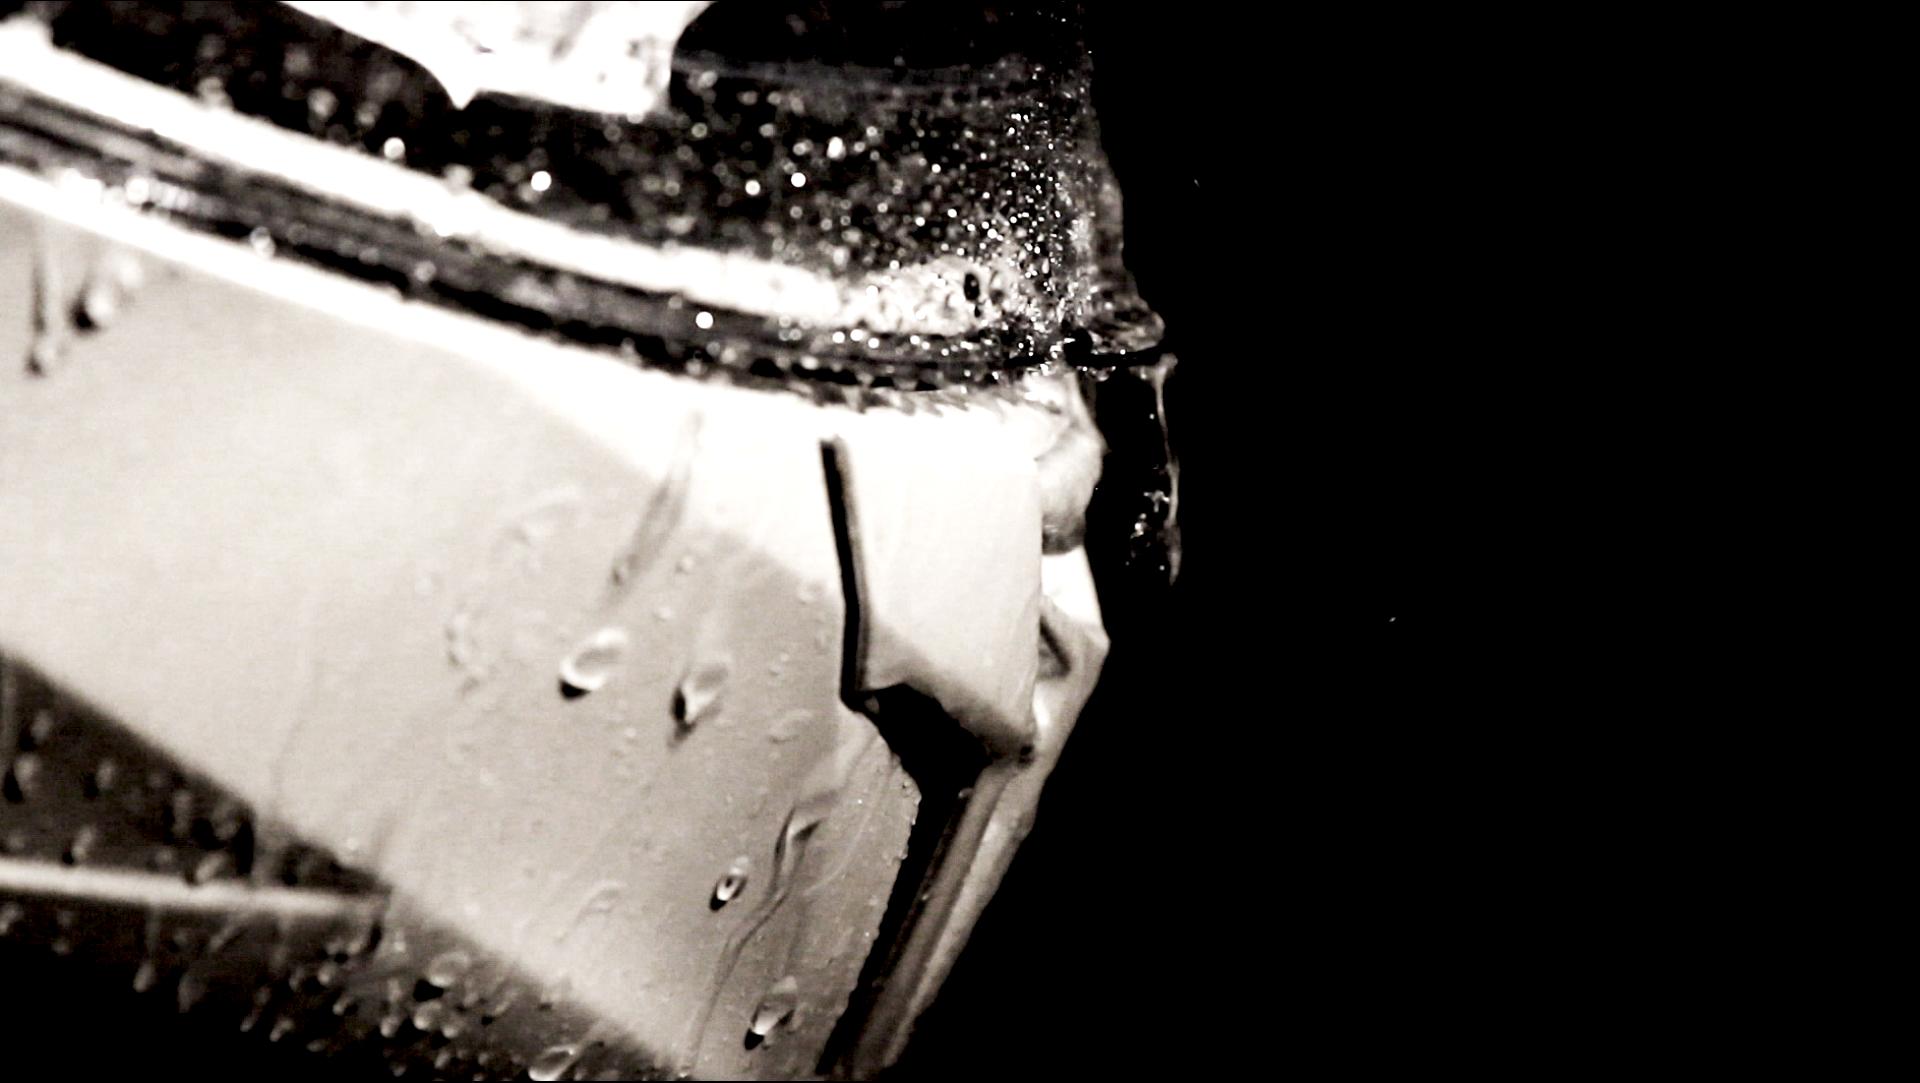 Motorbike helmet under heavy rain